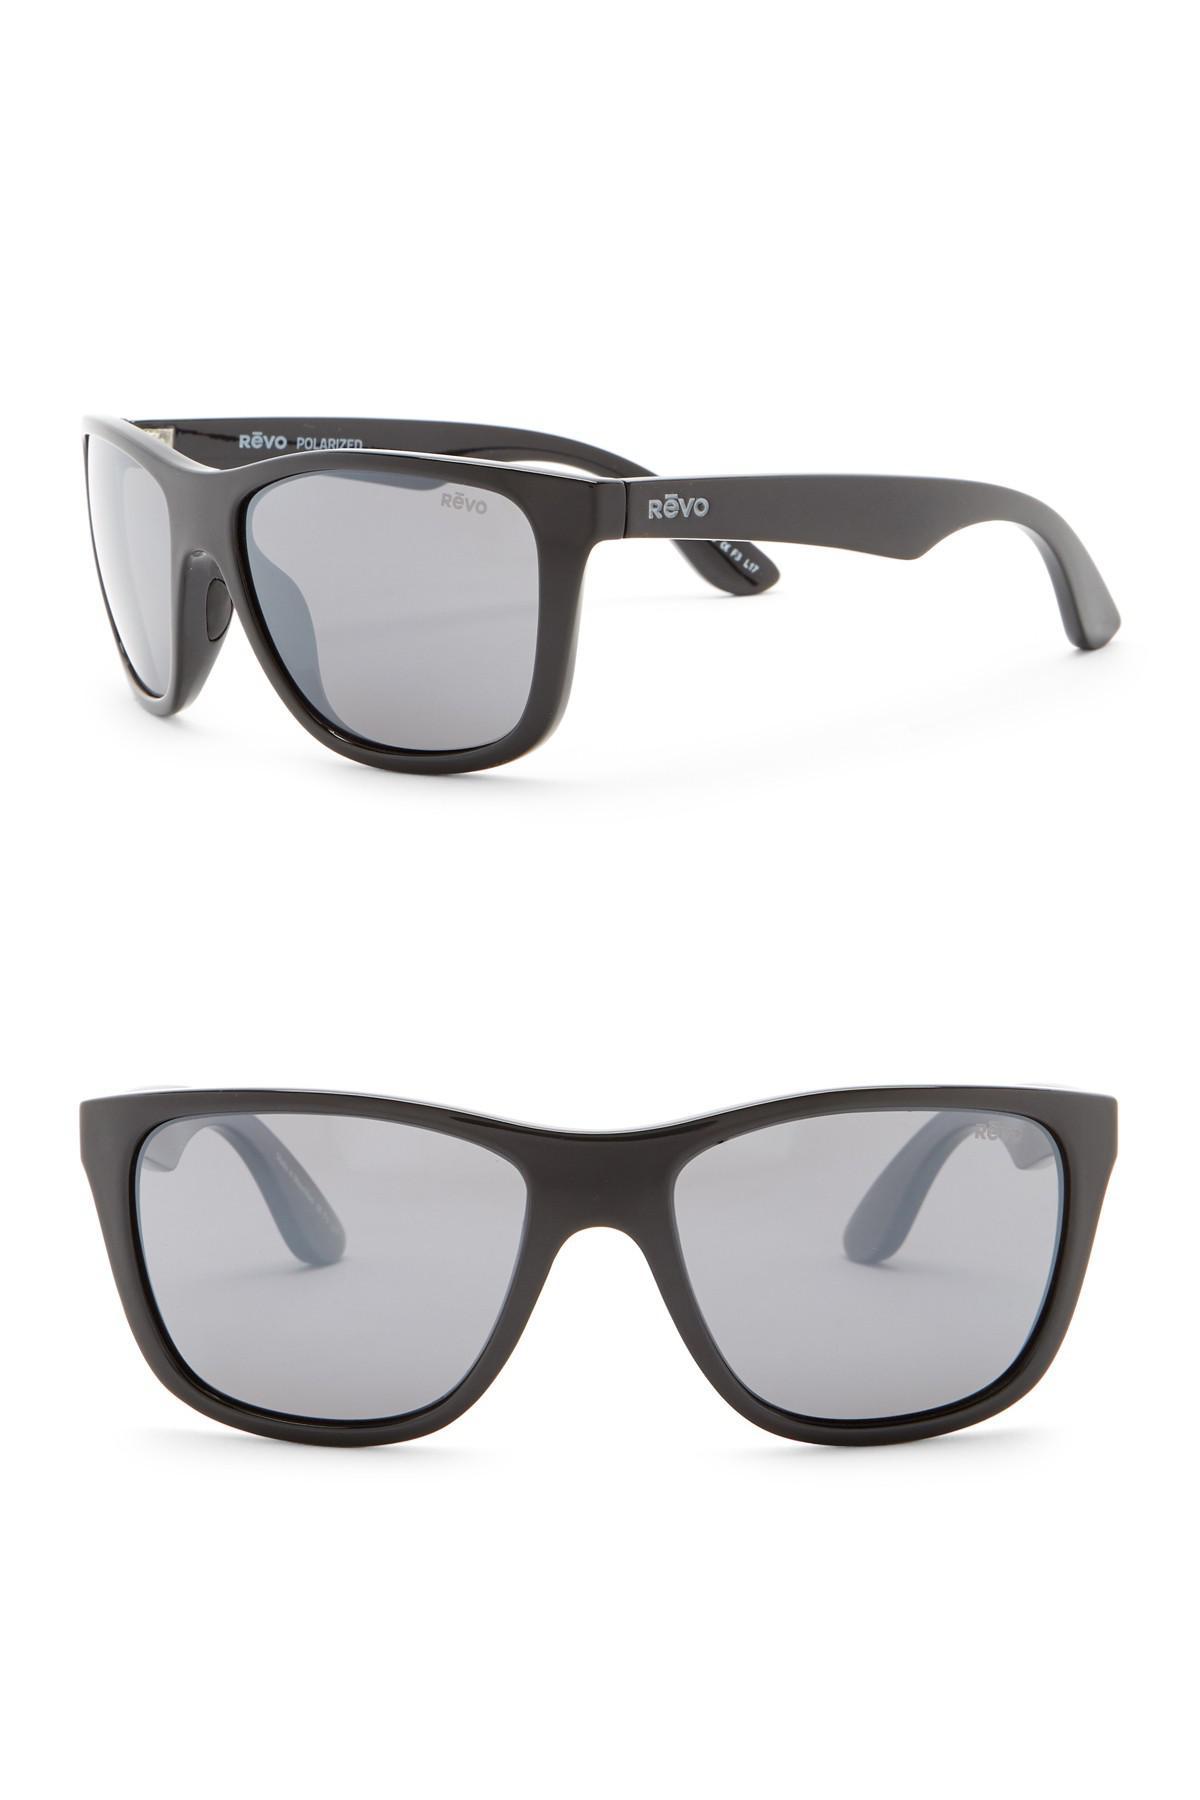 07f22de6a3 Lyst - Revo Otis Polarized 58mm Square Sunglasses in Black for Men